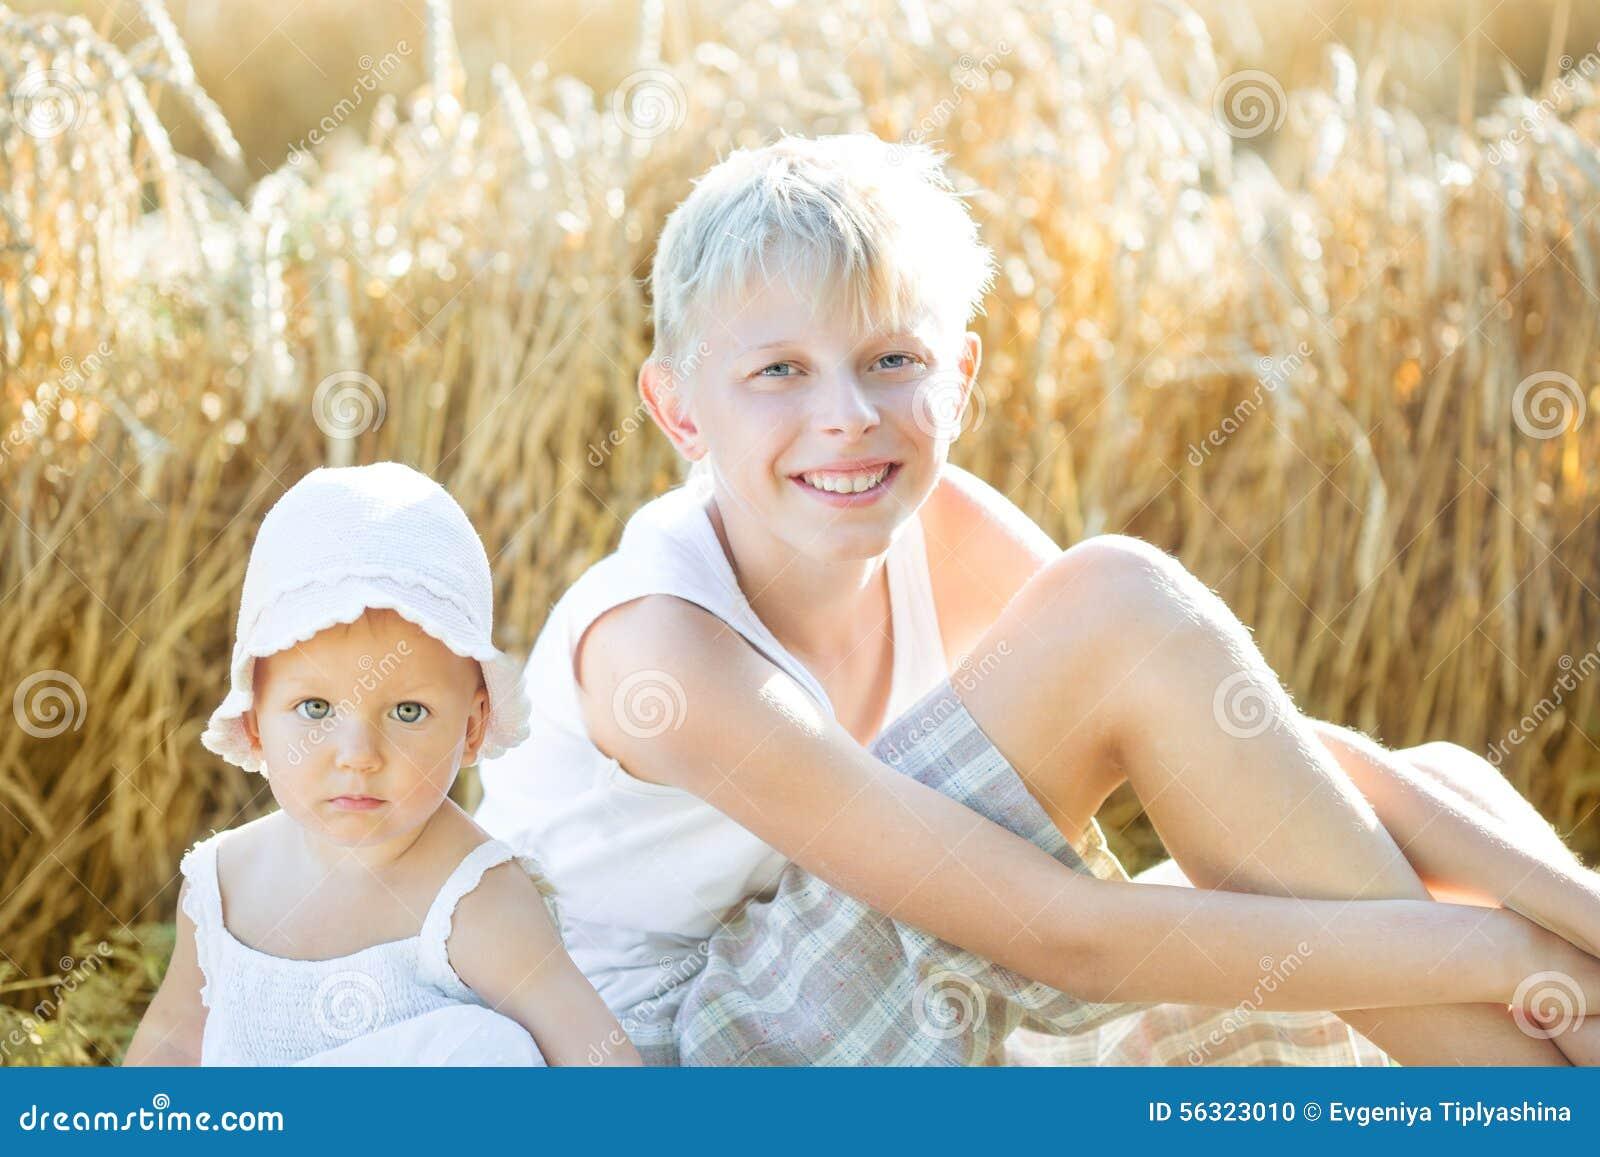 Enfants dans un domaine de blé